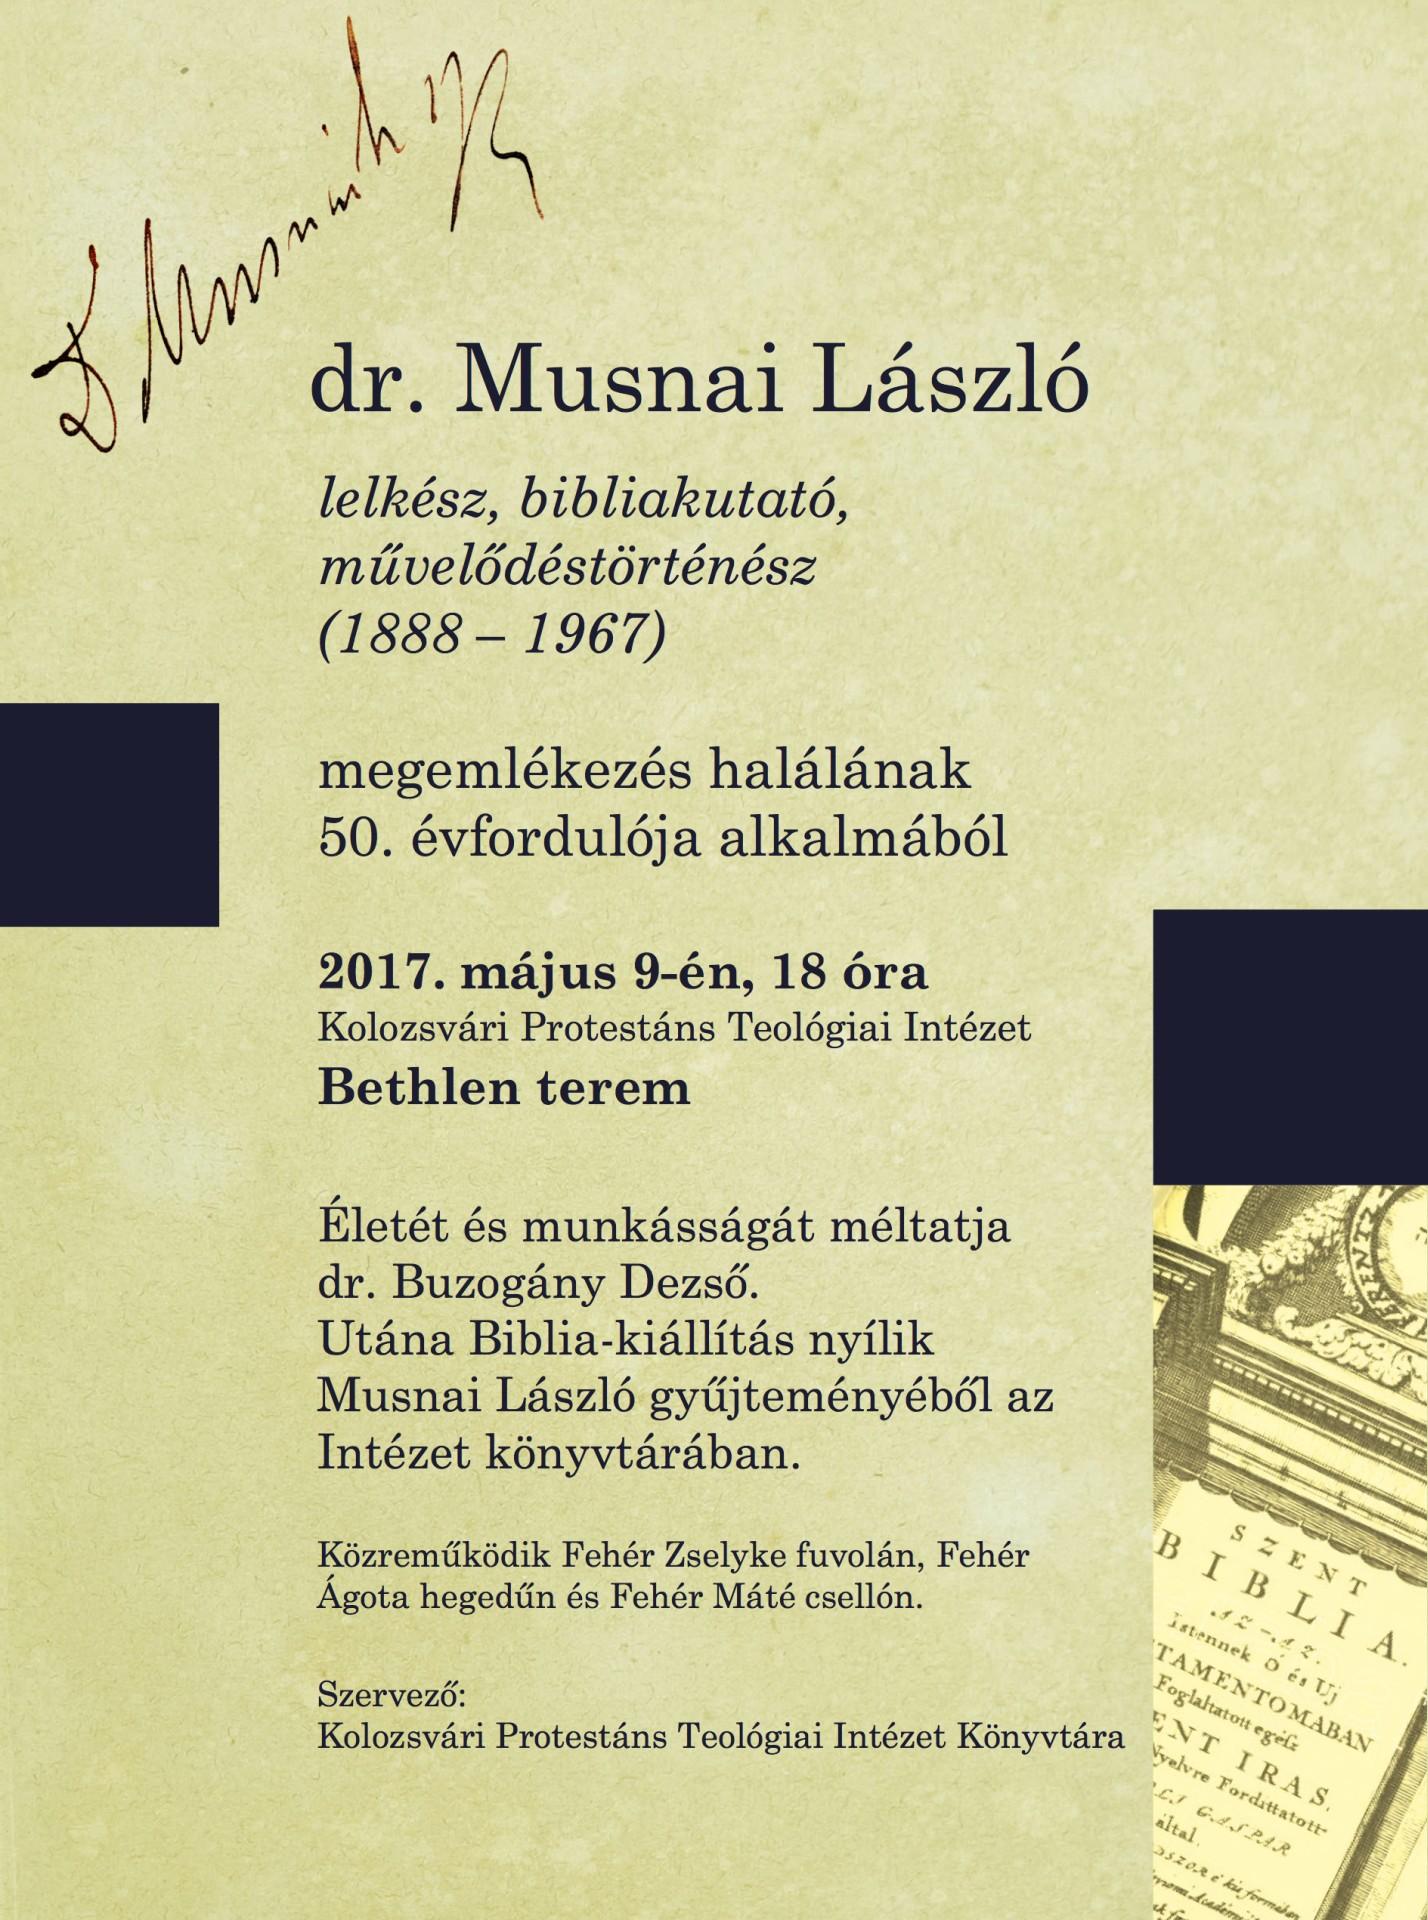 dr. Musnai László bibliakutatóra emlékeznek